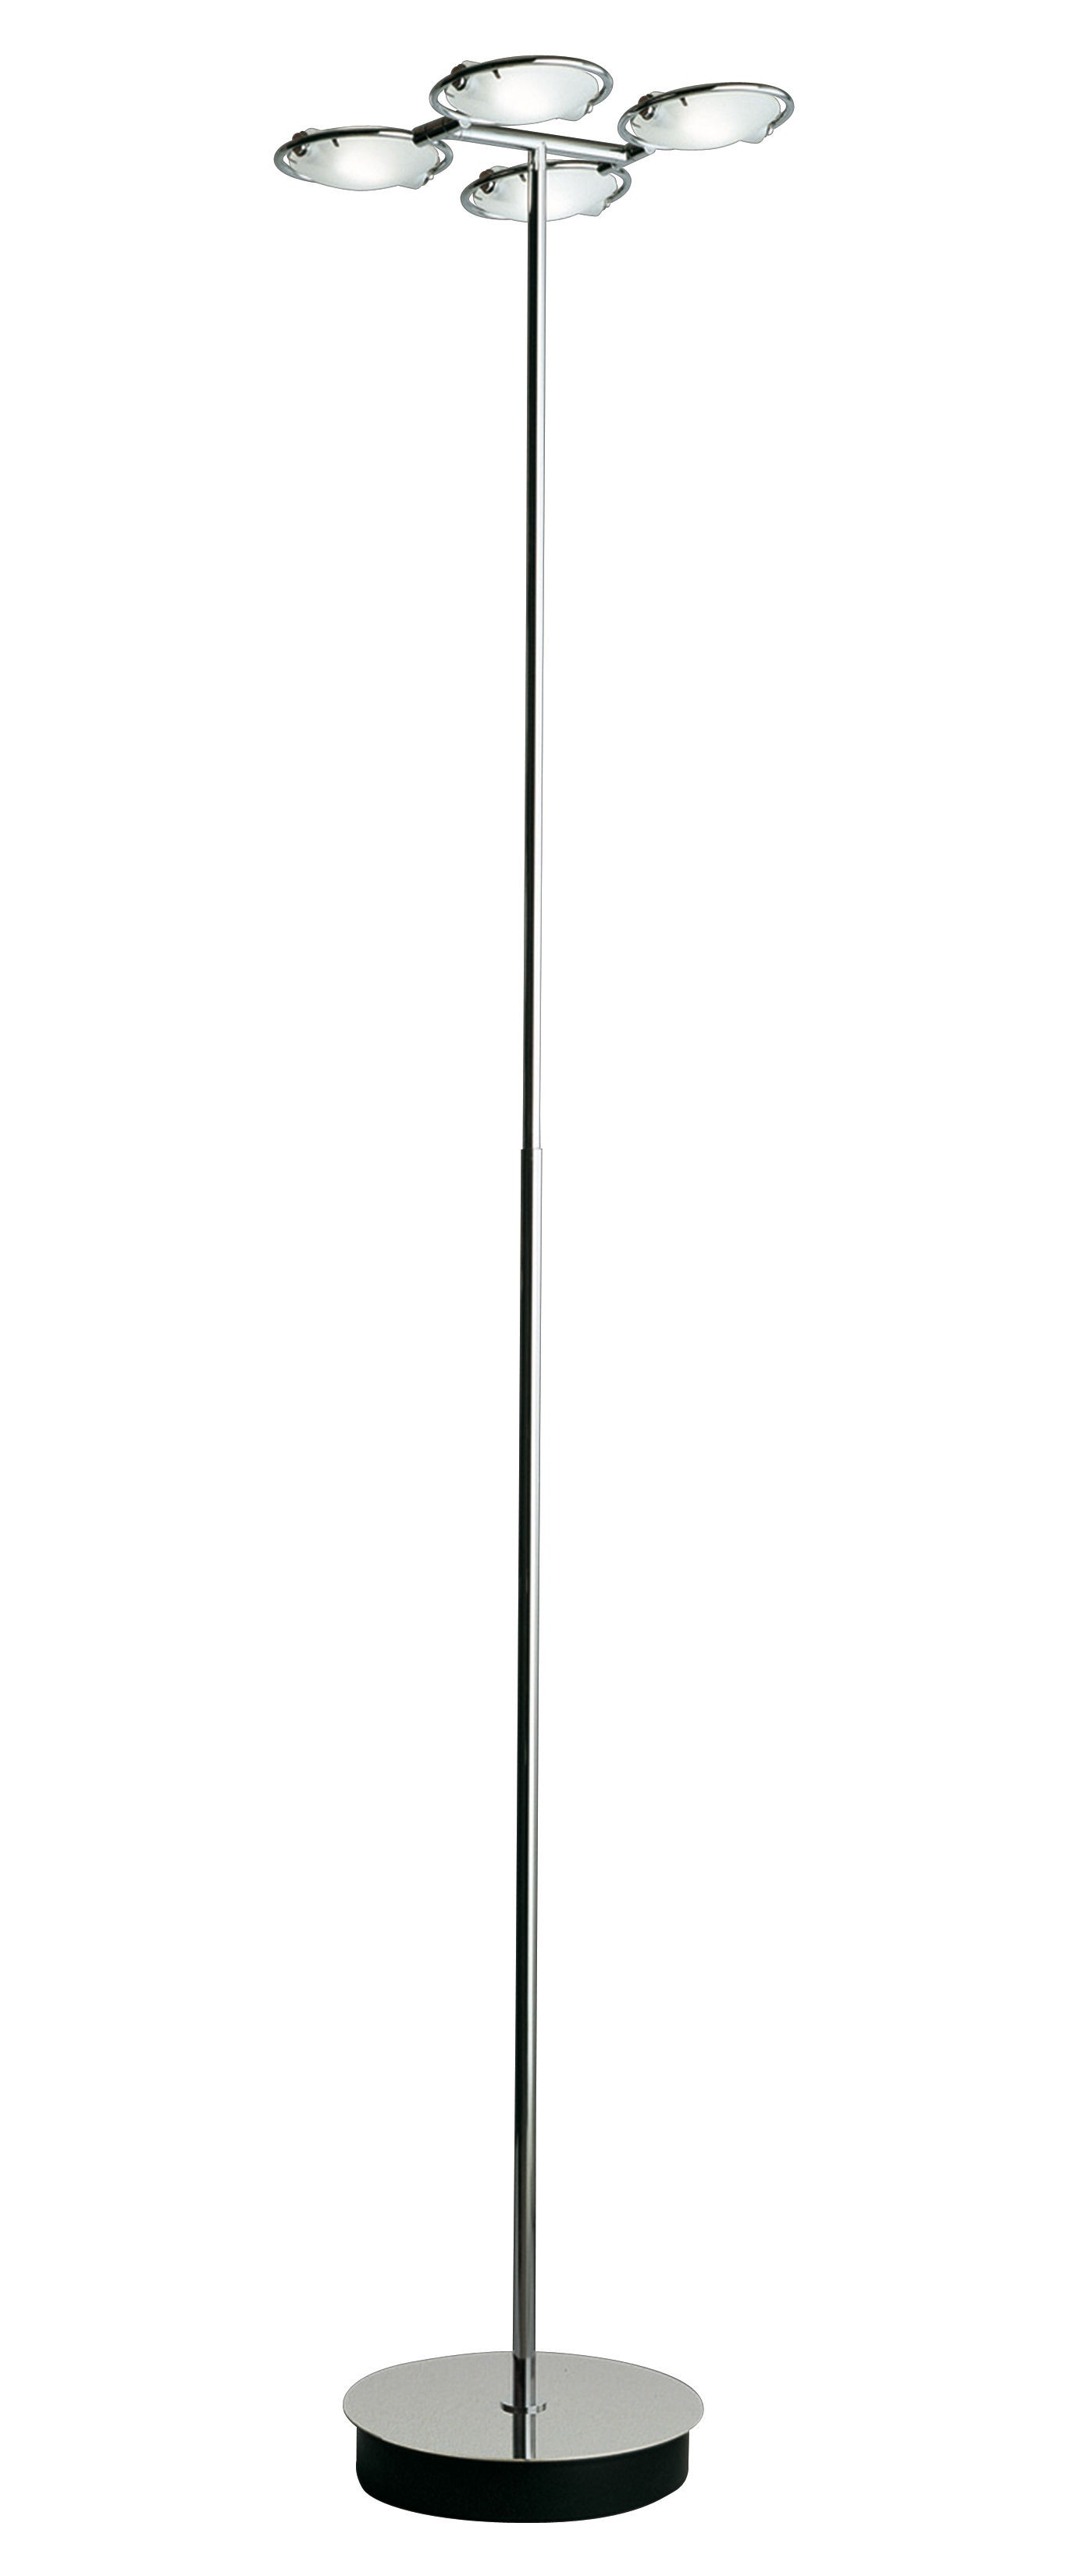 Fontana Arte Nobi 4 Floor Lamp | Deplain.com